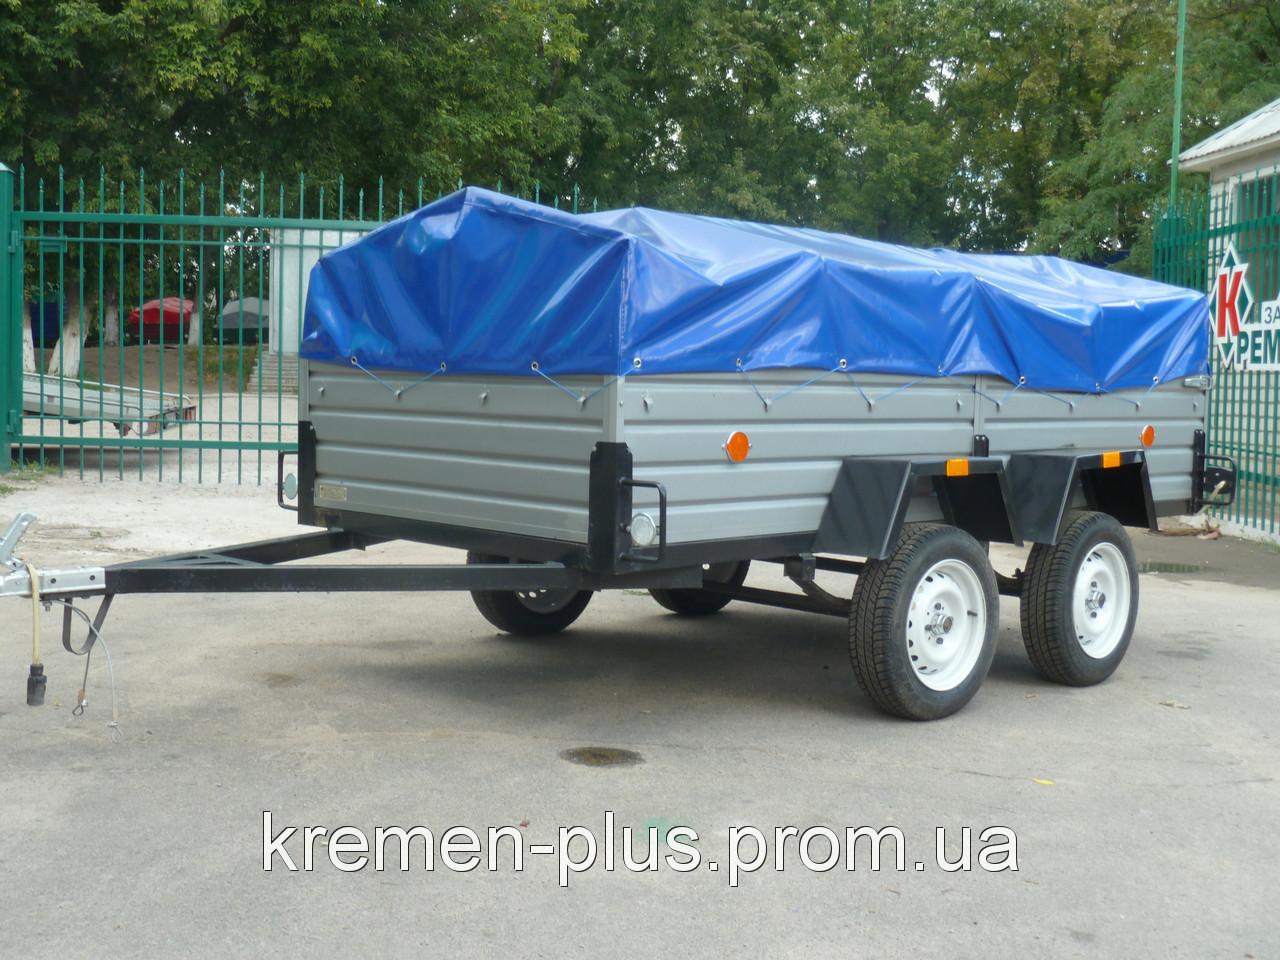 Продам легковой прицеп в Кировограде